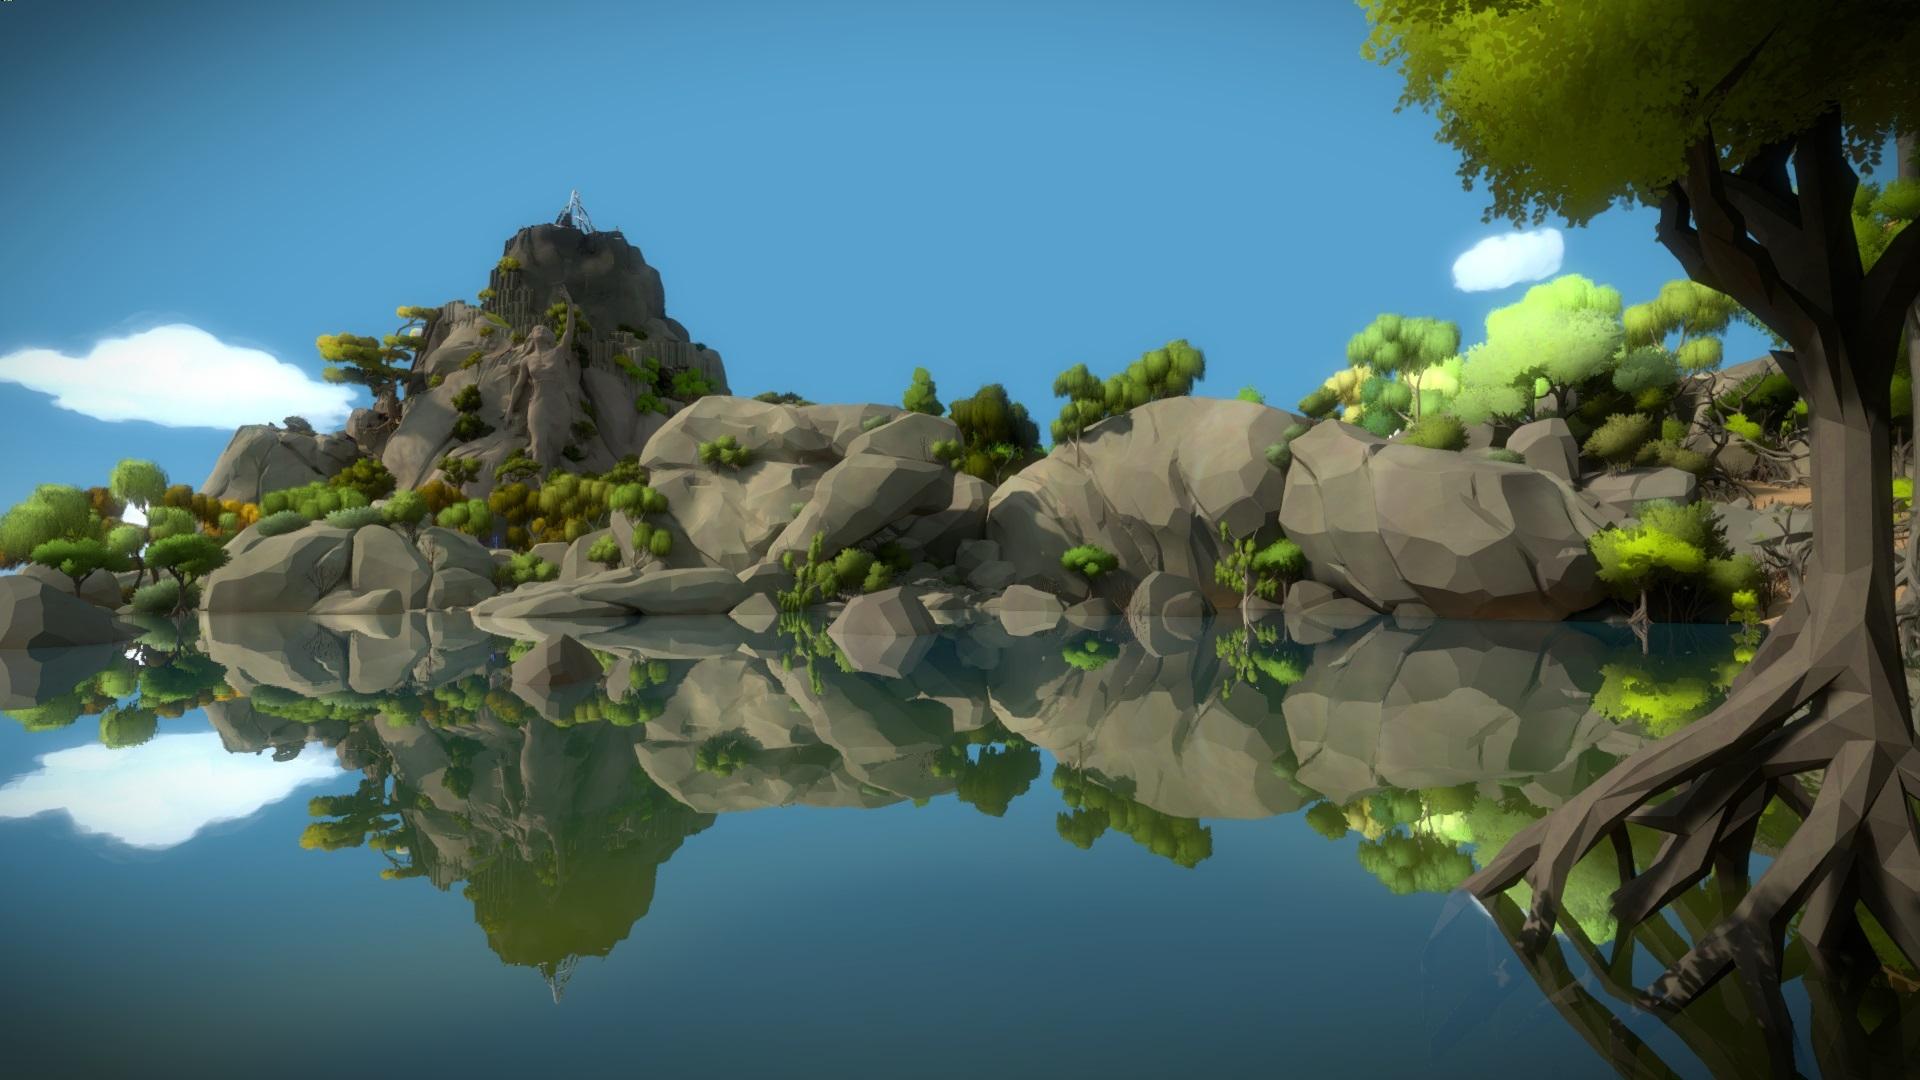 اکانت اریجینال PS4 بازی The Witness | ریجن اروپا و امریکا